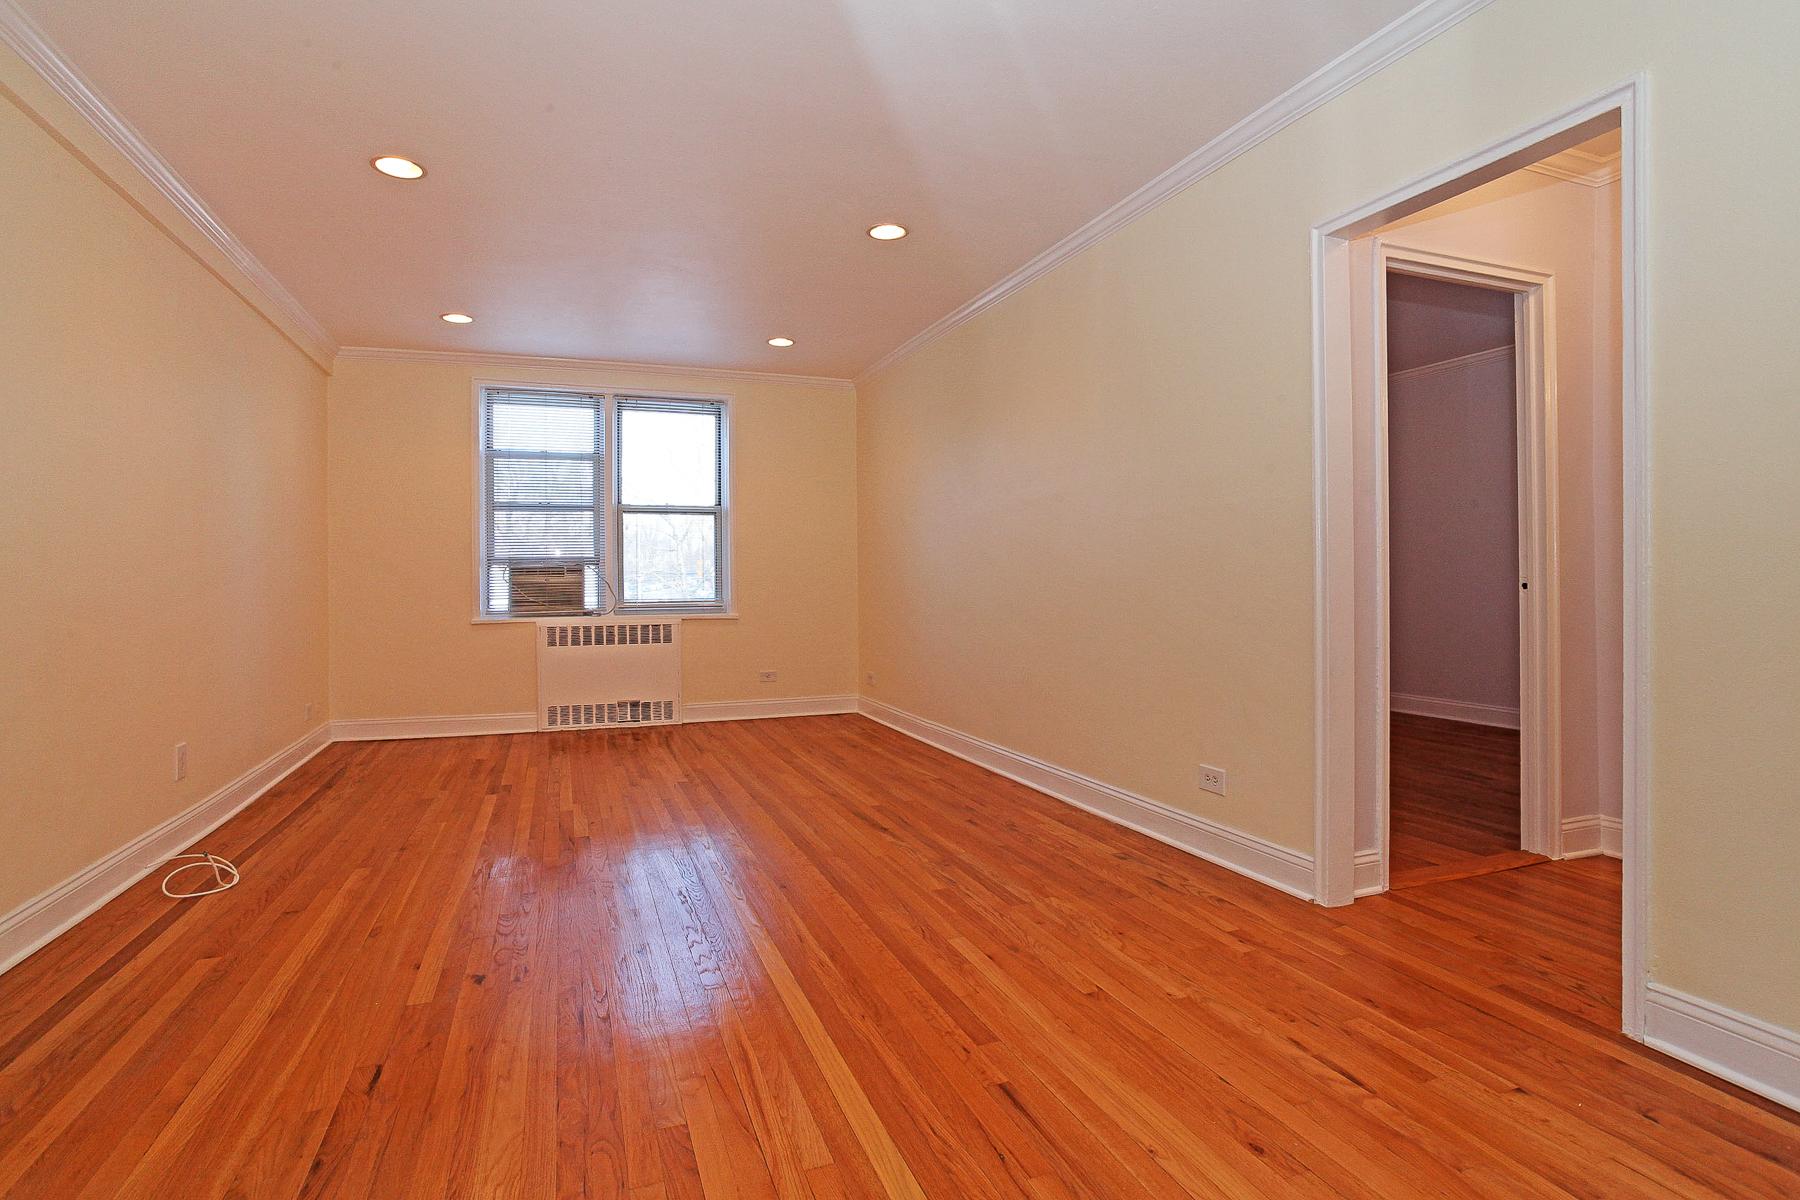 Кооперативная квартира для того Продажа на Renovated and Huge 1 Bedroom 5639 Netherland Avenue 3E Riverdale, Нью-Йорк 10471 Соединенные Штаты